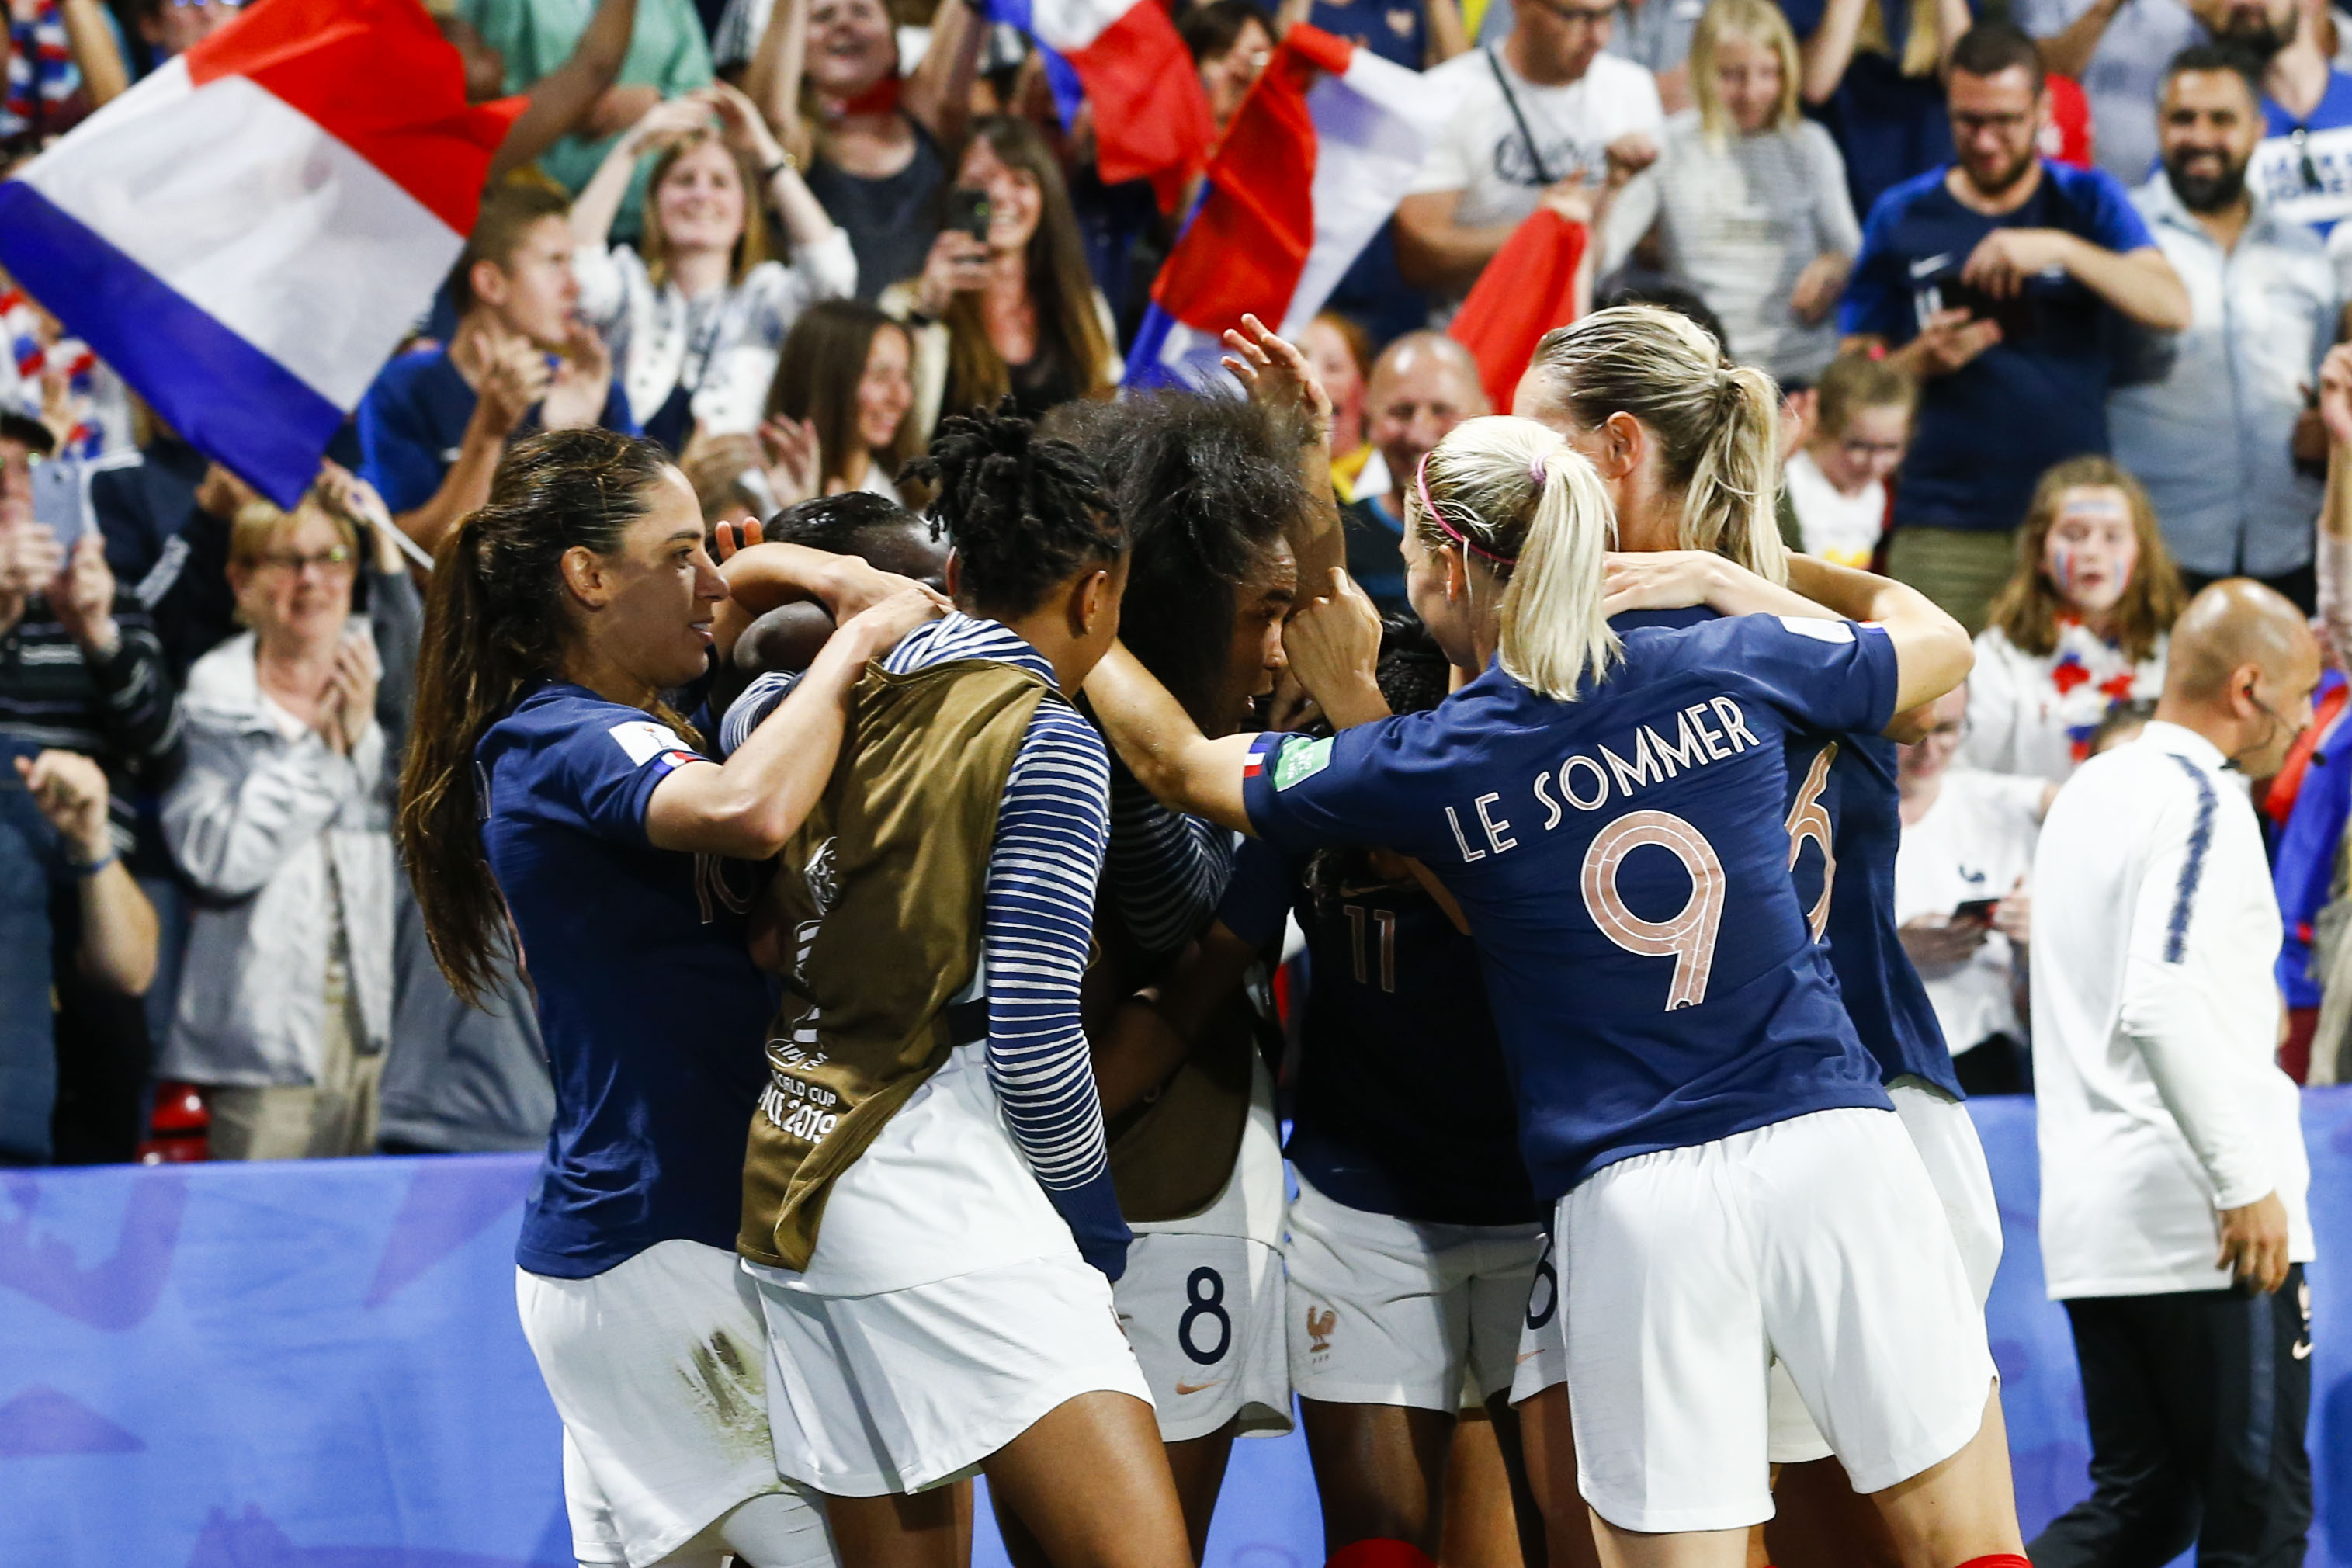 Football - Coupe du monde féminine - Coupe du monde féminine 2019 : Les Bleues, un carton plein mais des doutes